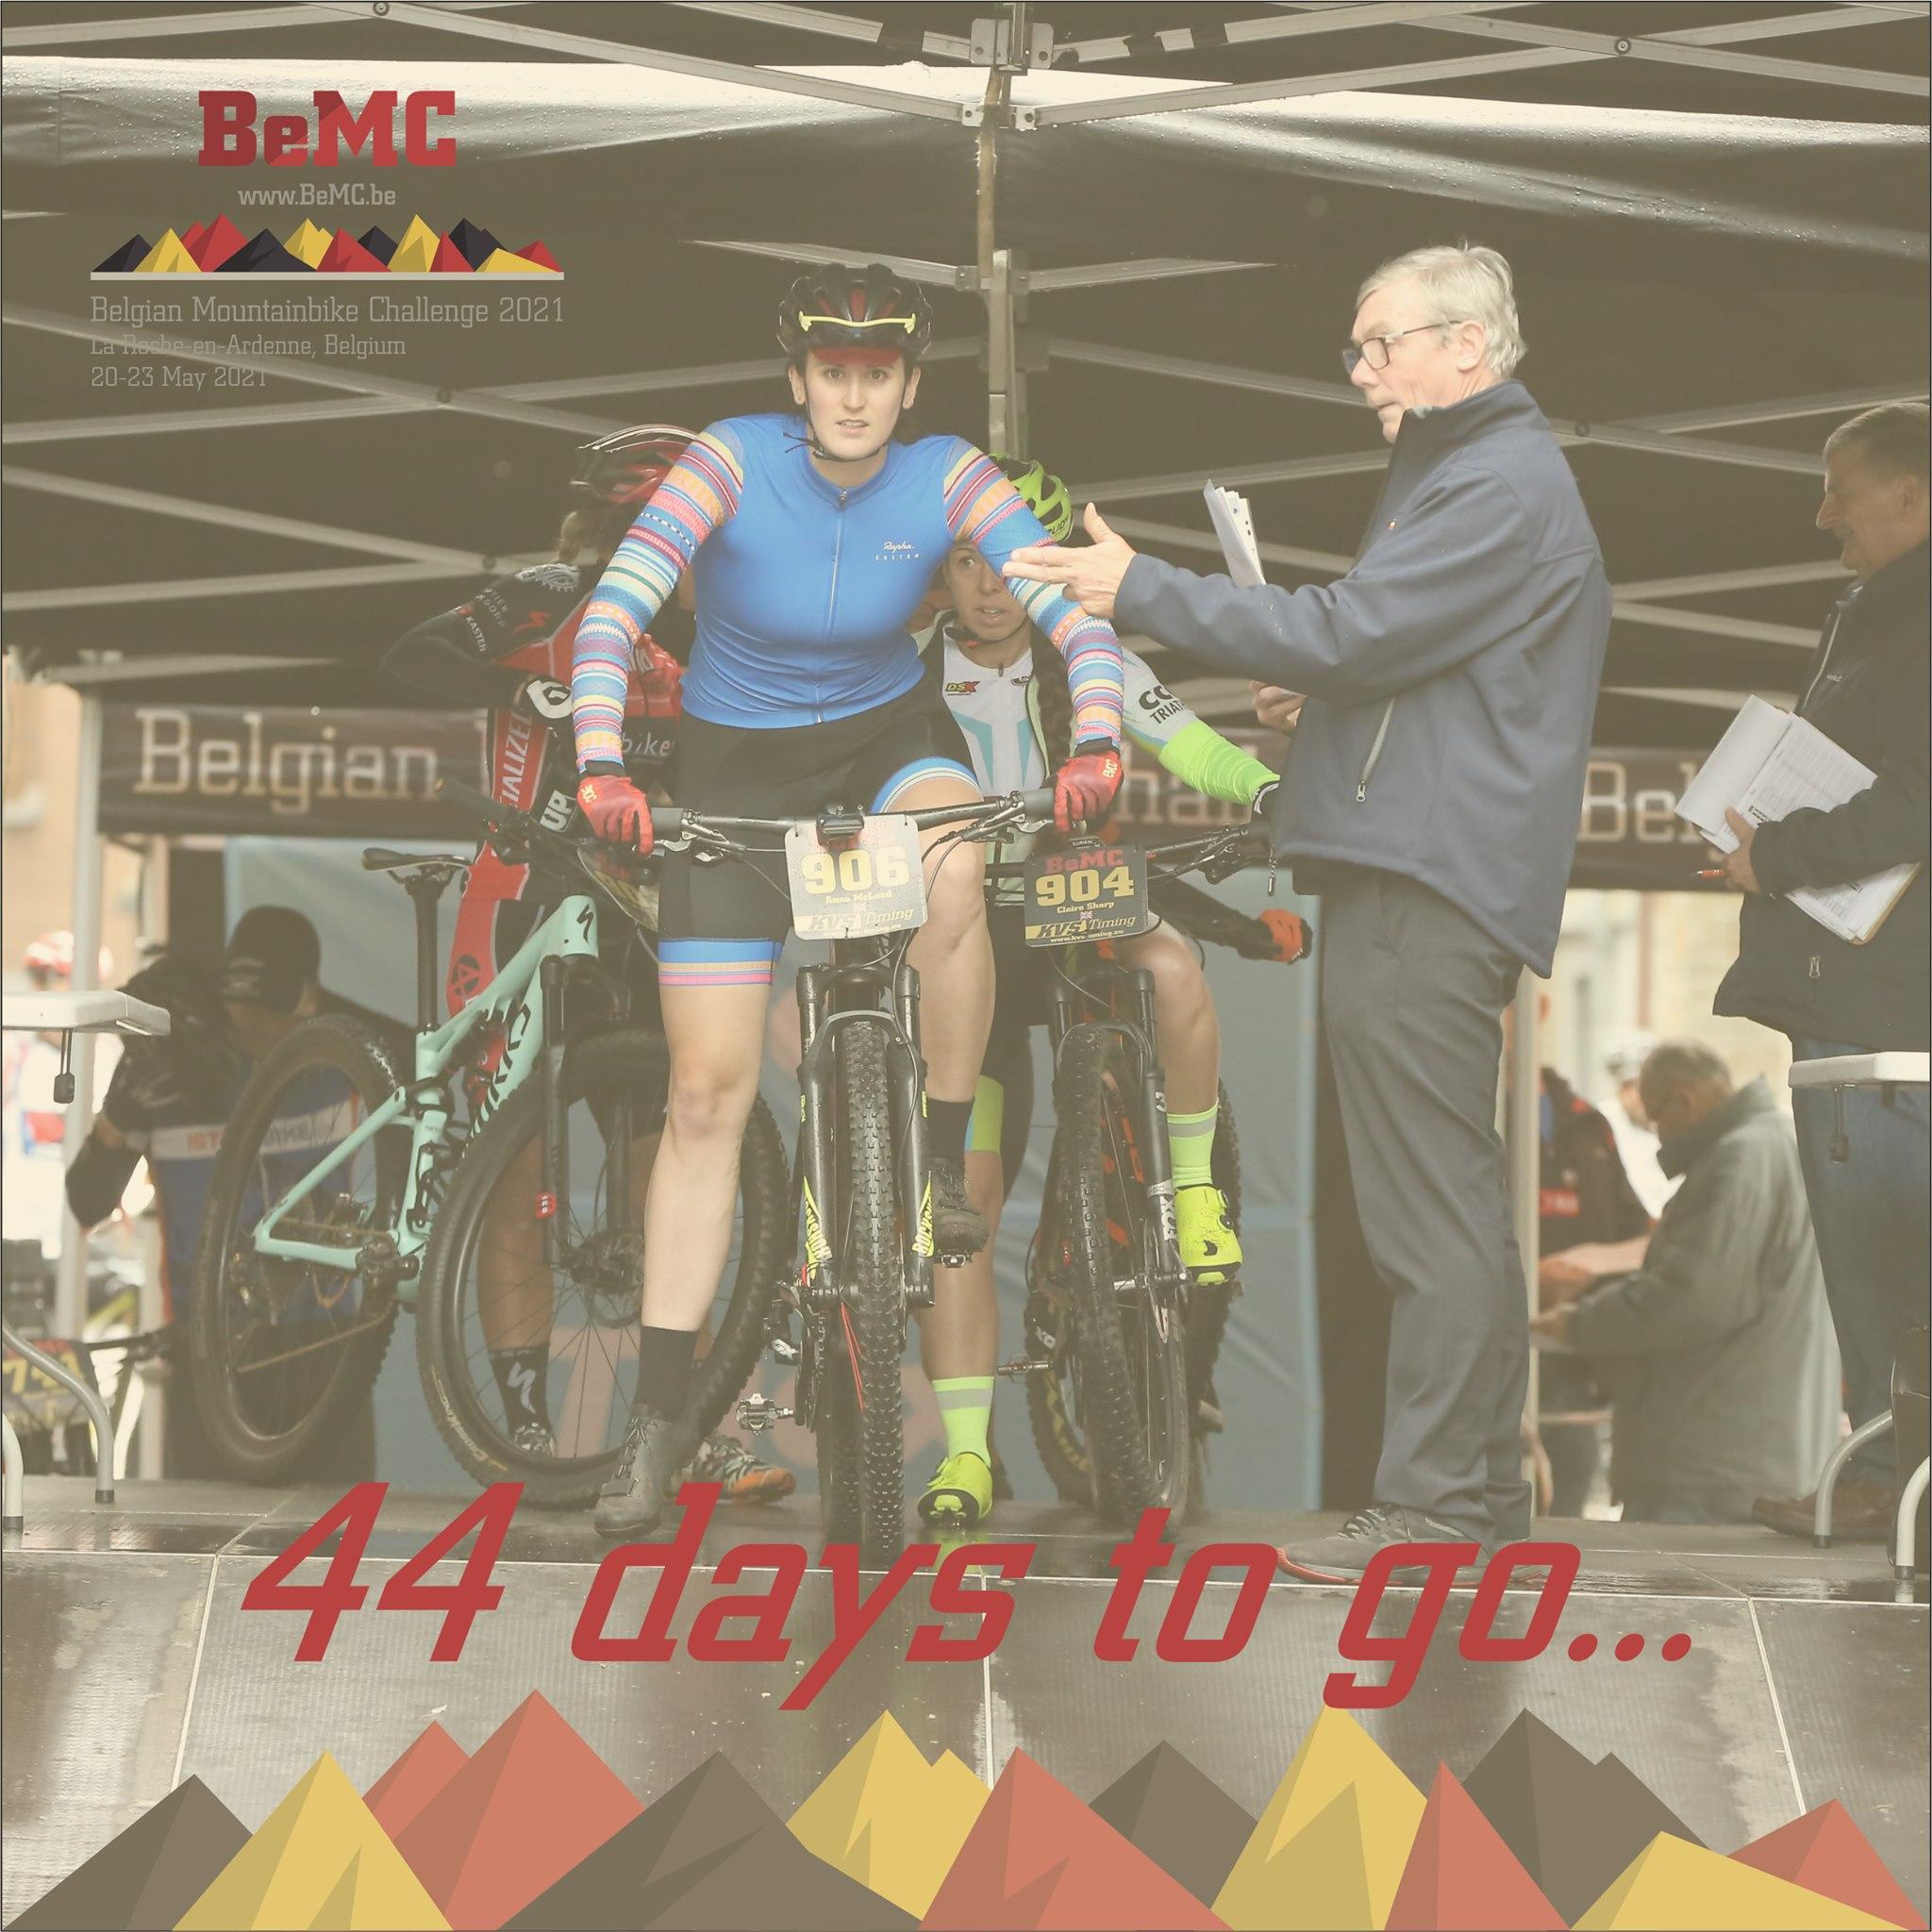 BeMC : Belgian Mountainbike Challenge